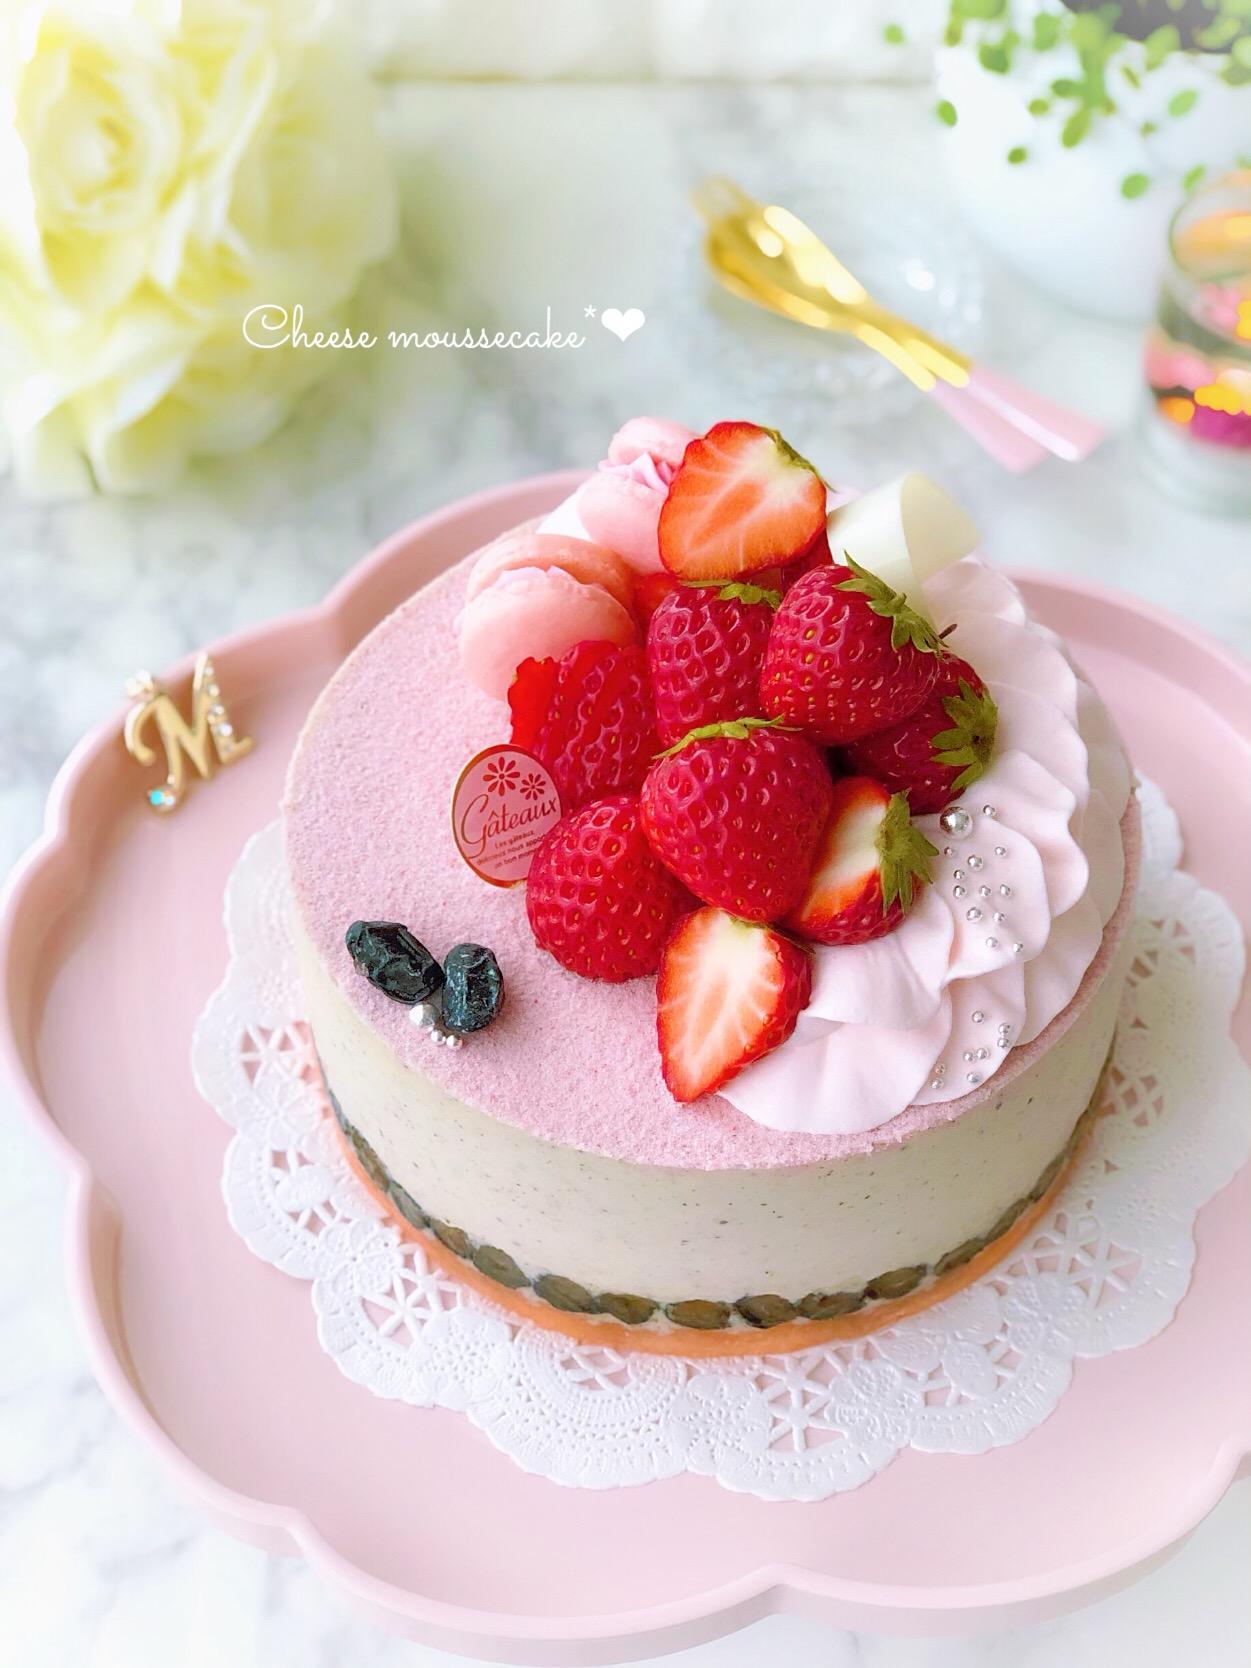 バレンタイン チーズ ケーキ 【みんなが作ってる】 バレンタイン チーズケーキのレシピ